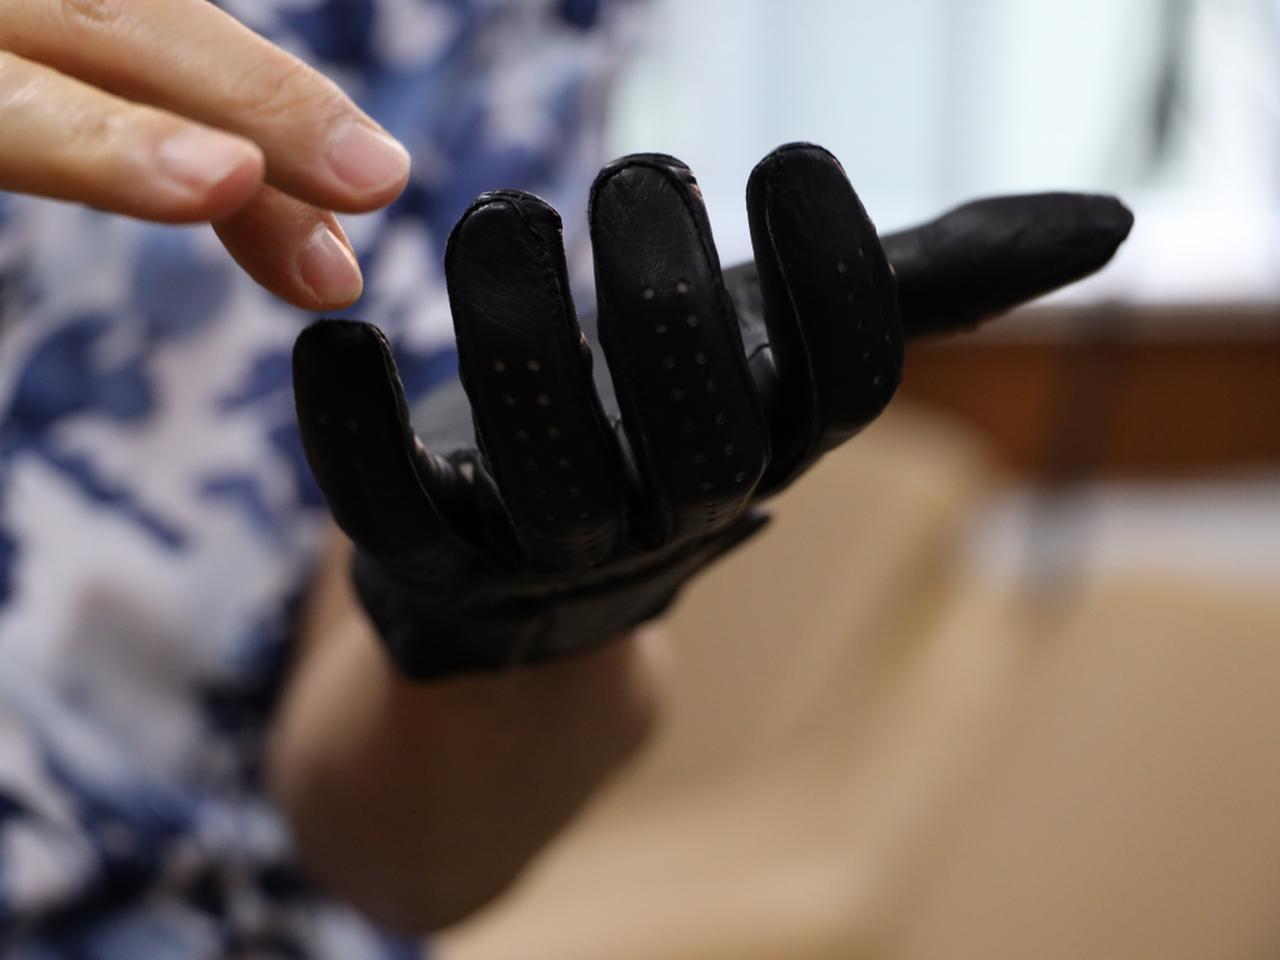 画像: グローブはキャスコ製の特注品。3Dスキャナで自身の手を計測し、ジャストサイズのものを使用している